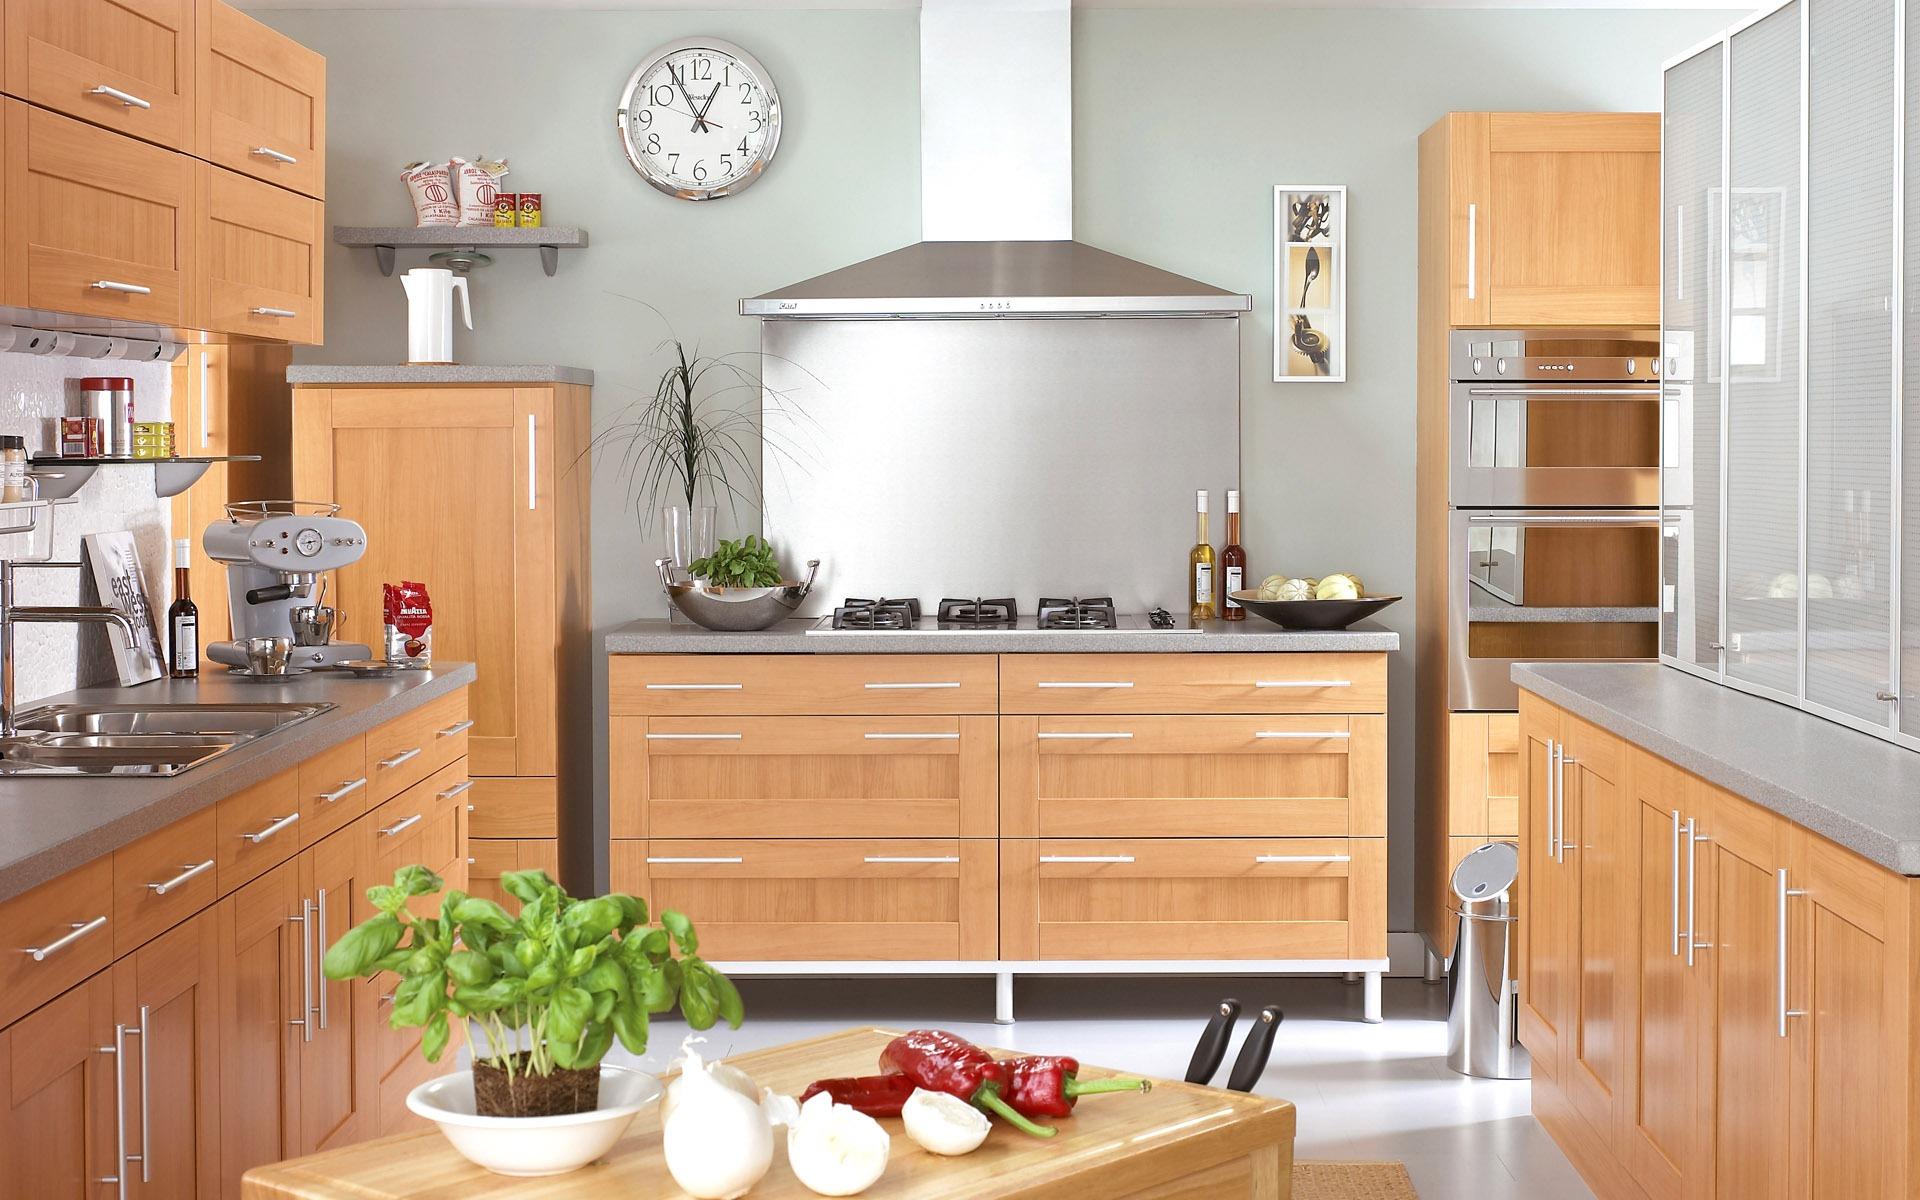 fond d 39 cran photo de la cuisine 2 14 1920x1200 fond d 39 cran t l charger fond d 39 cran. Black Bedroom Furniture Sets. Home Design Ideas